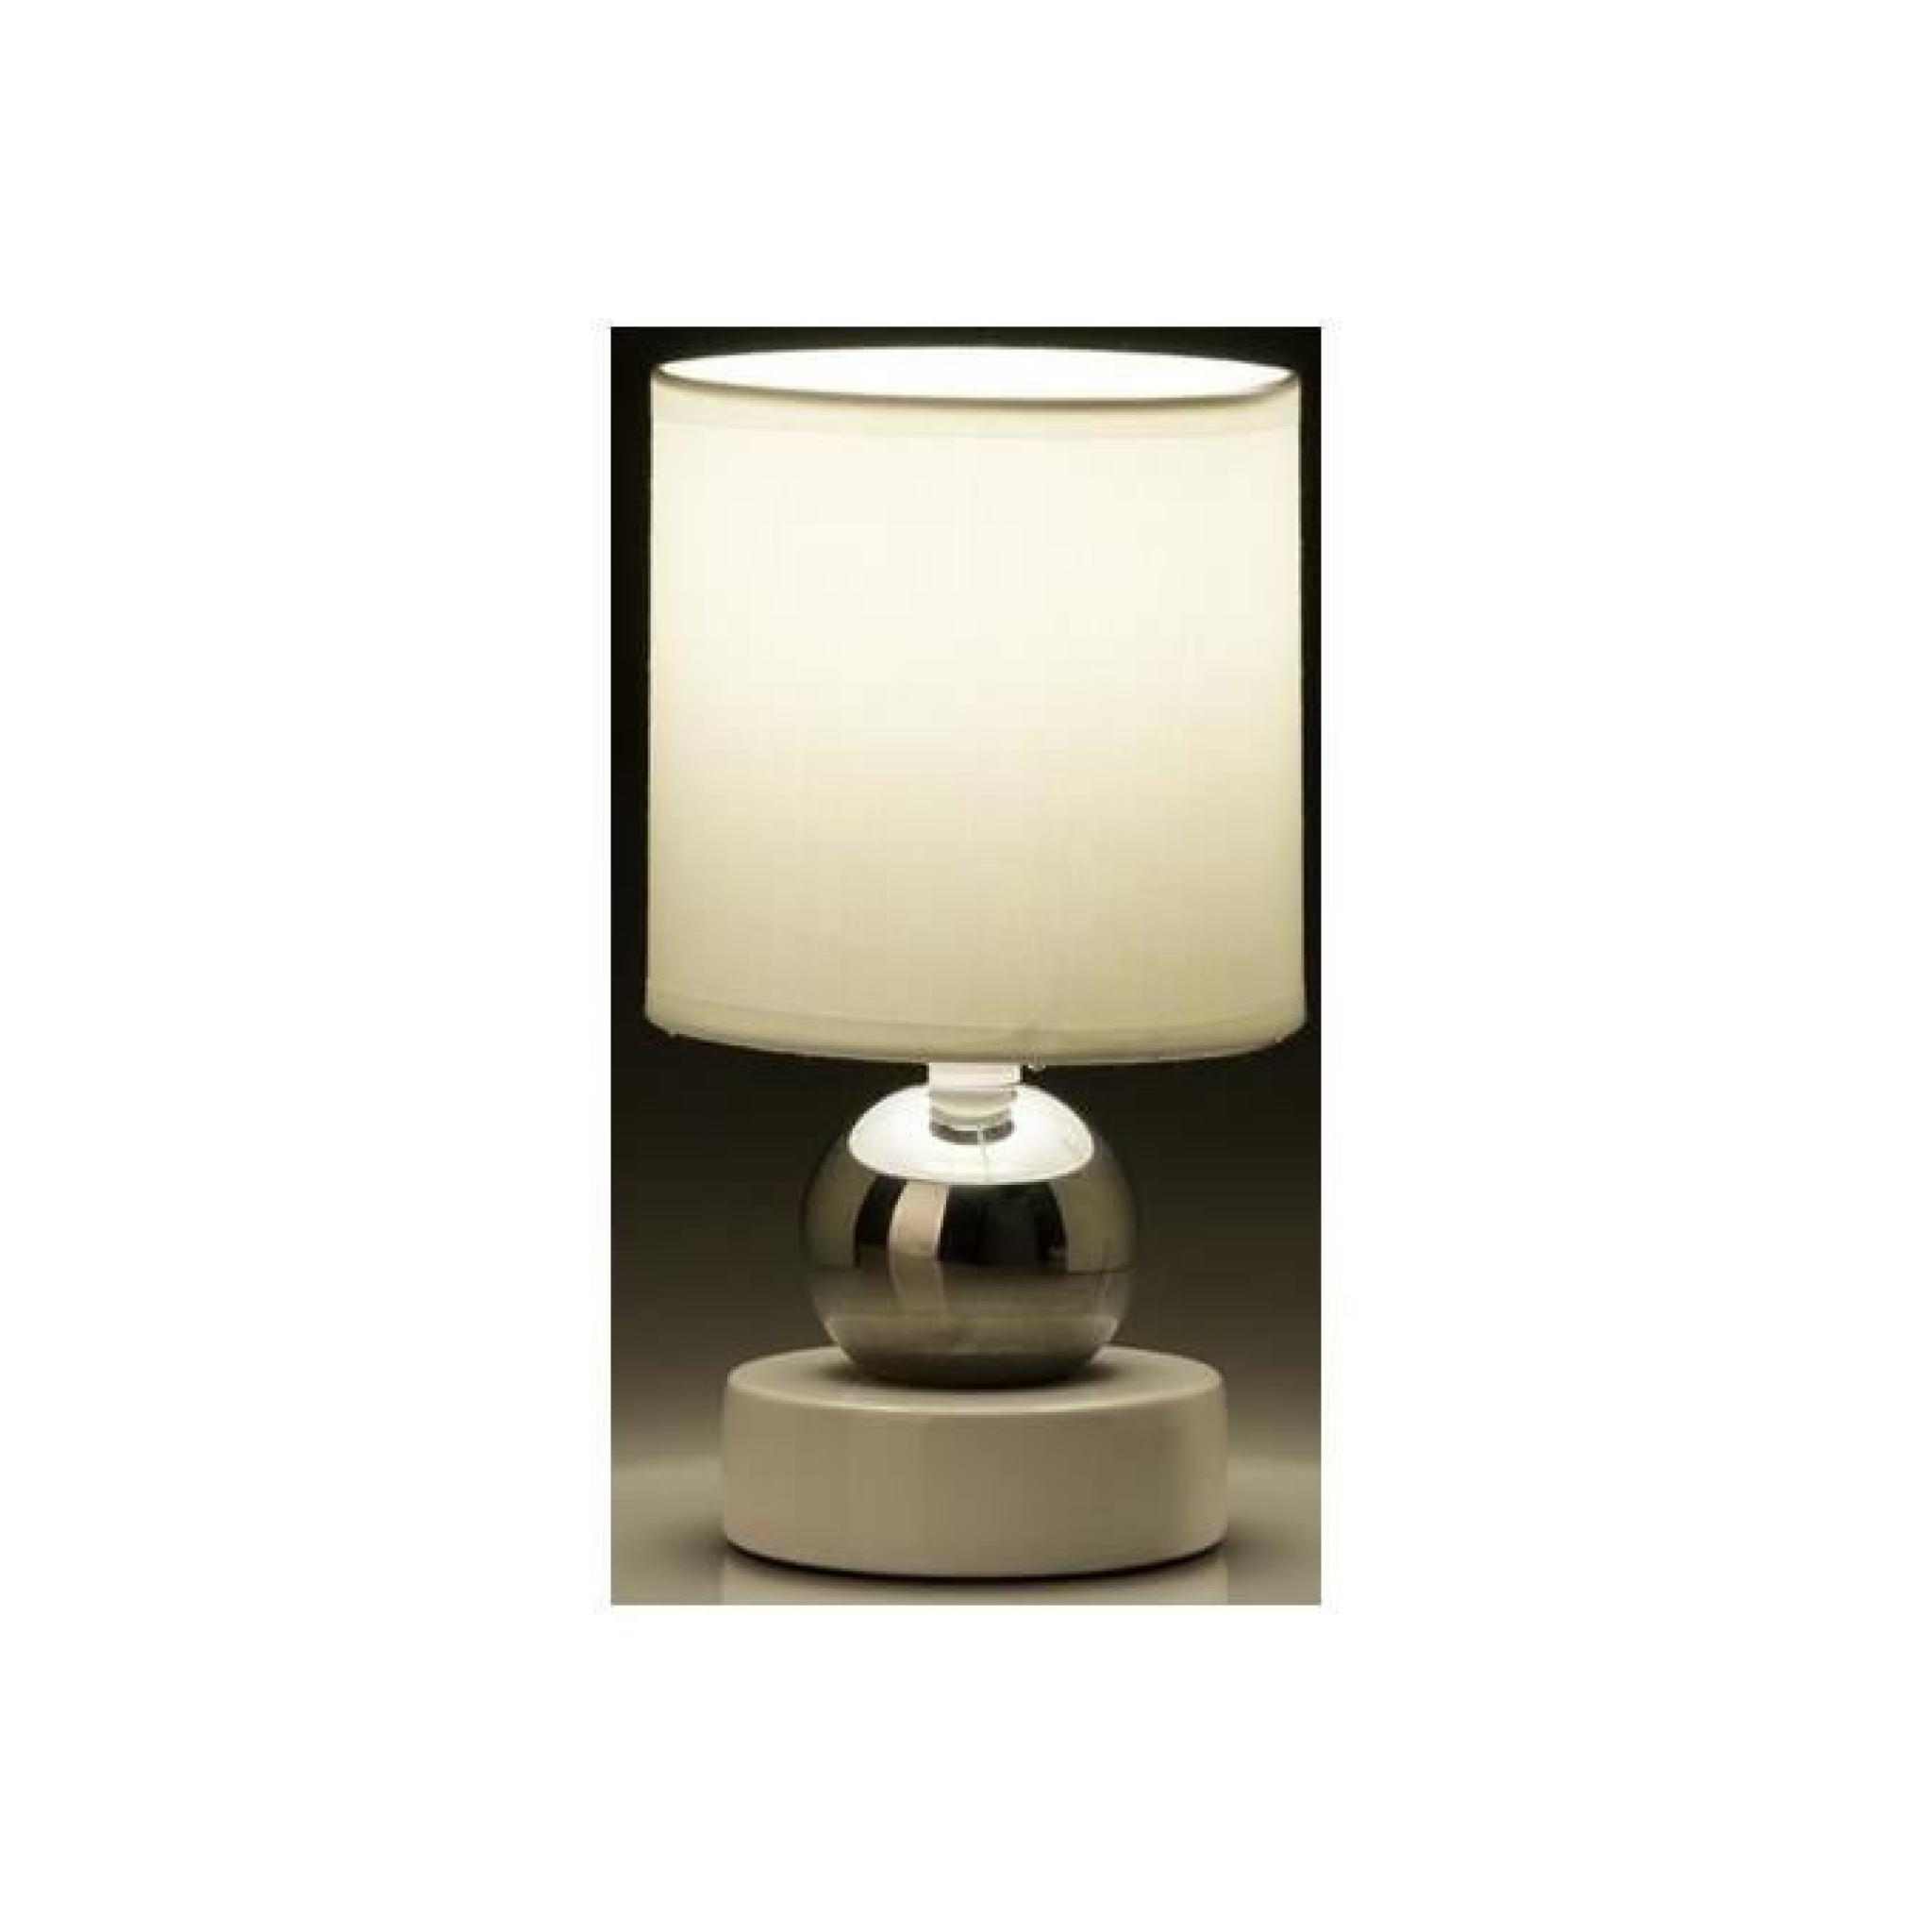 Cm Argent Lampe Blanc X Table Céramique 13 De 23 50 nmNyv0wO8